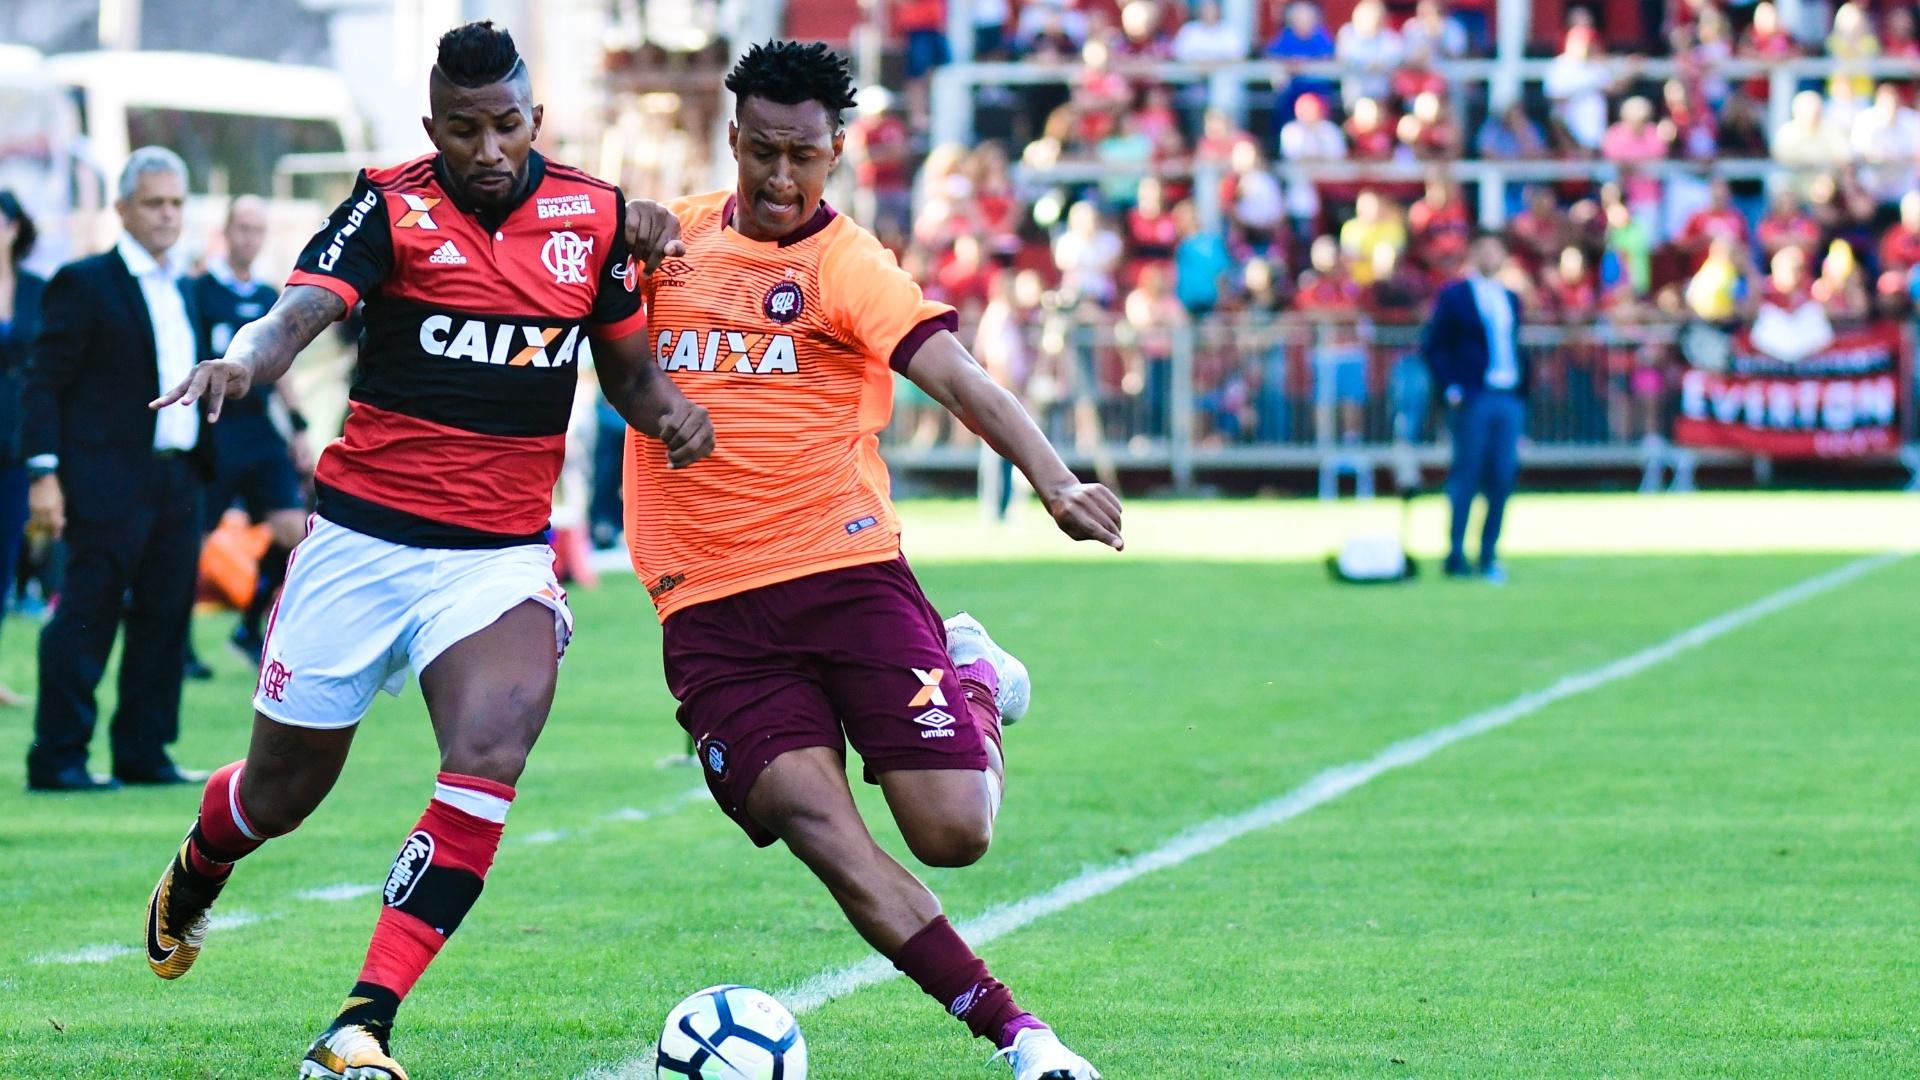 Rodinei e Fabricio brigam pela bola em partida entre Flamengo e Atlético-PR